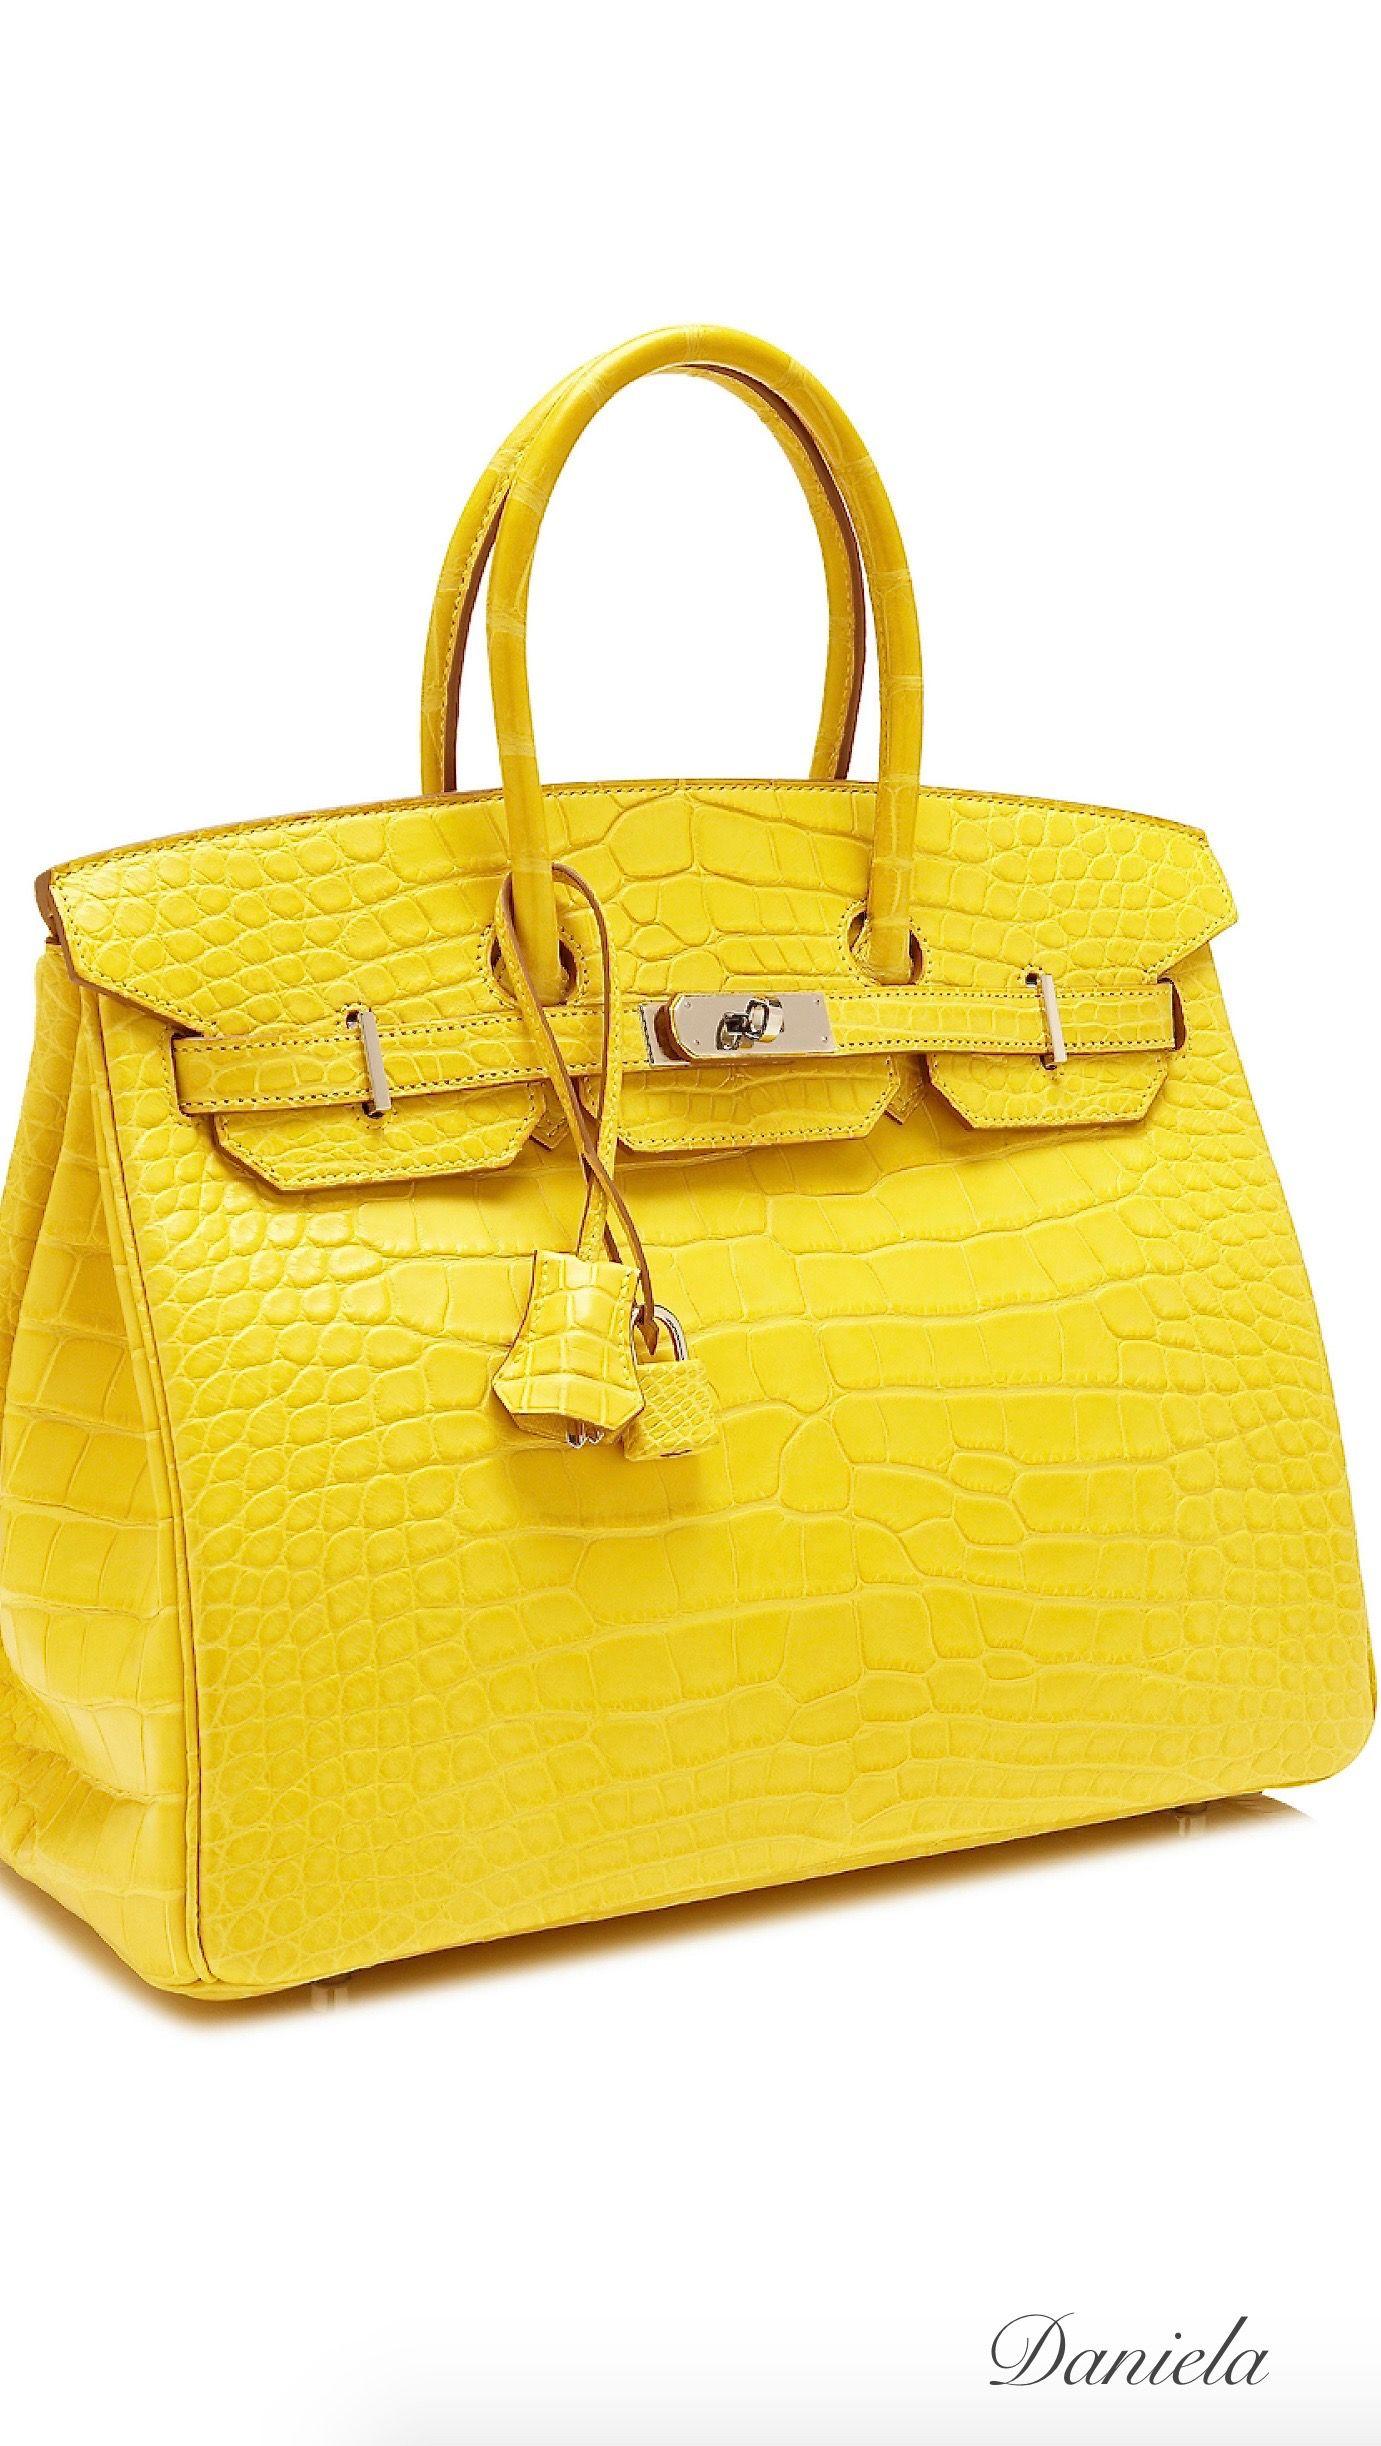 8f0a85b8bb98 Mimosa Alligator Birkin Hermes Bags